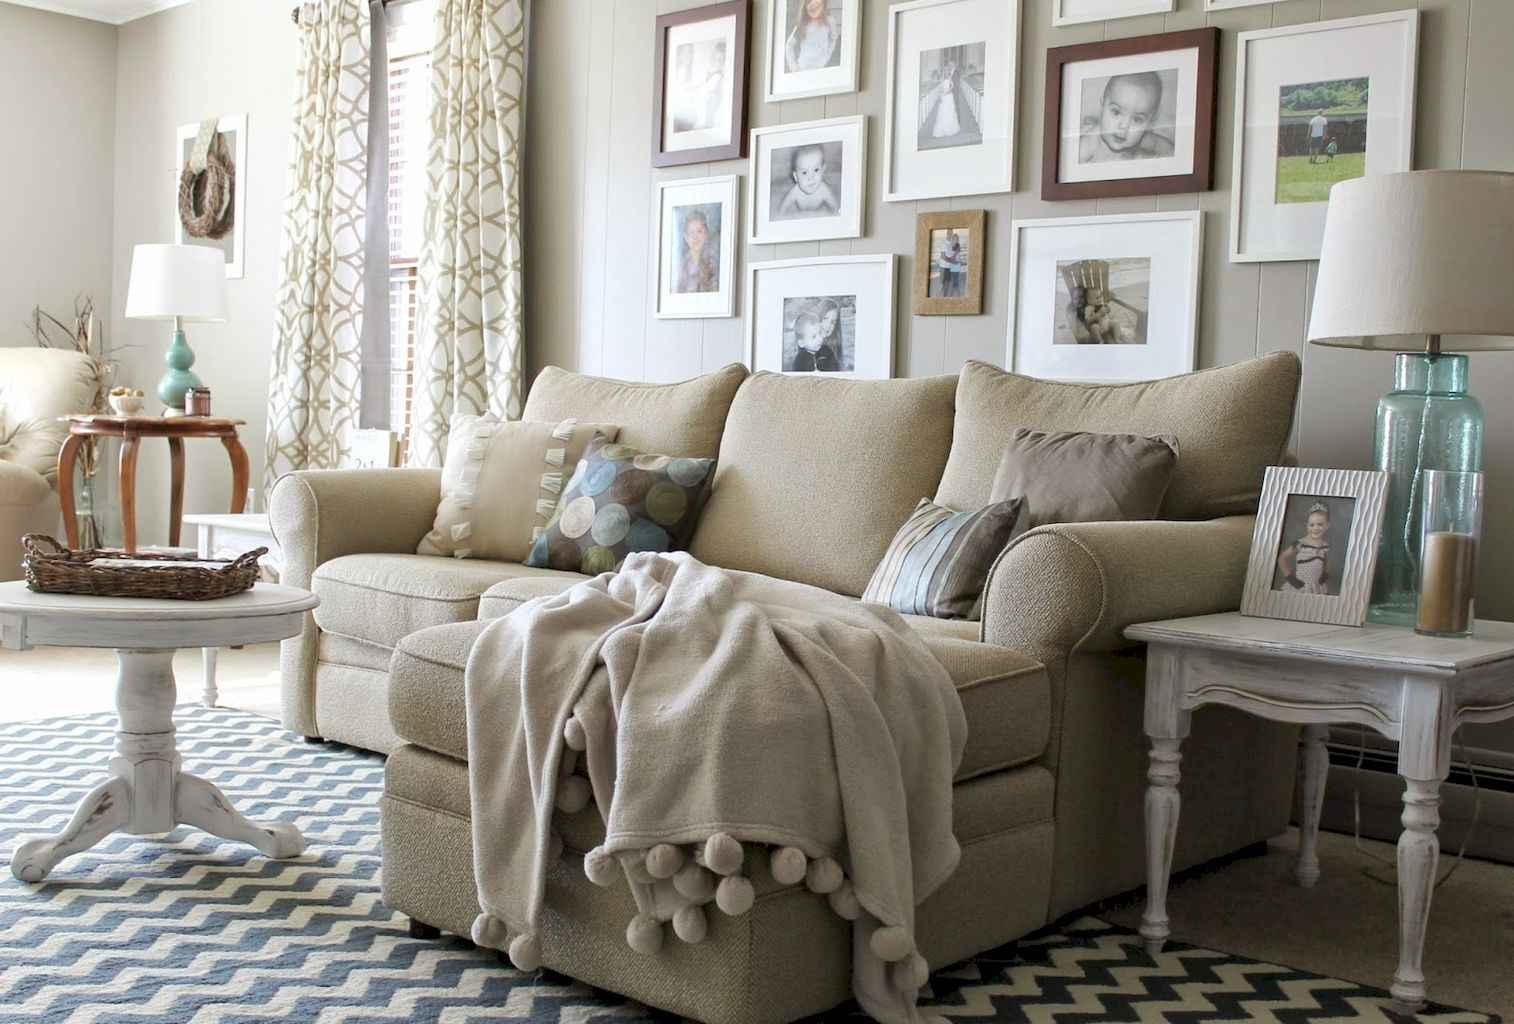 60 Cozy Farmhouse Style Living Room Decor Ideas